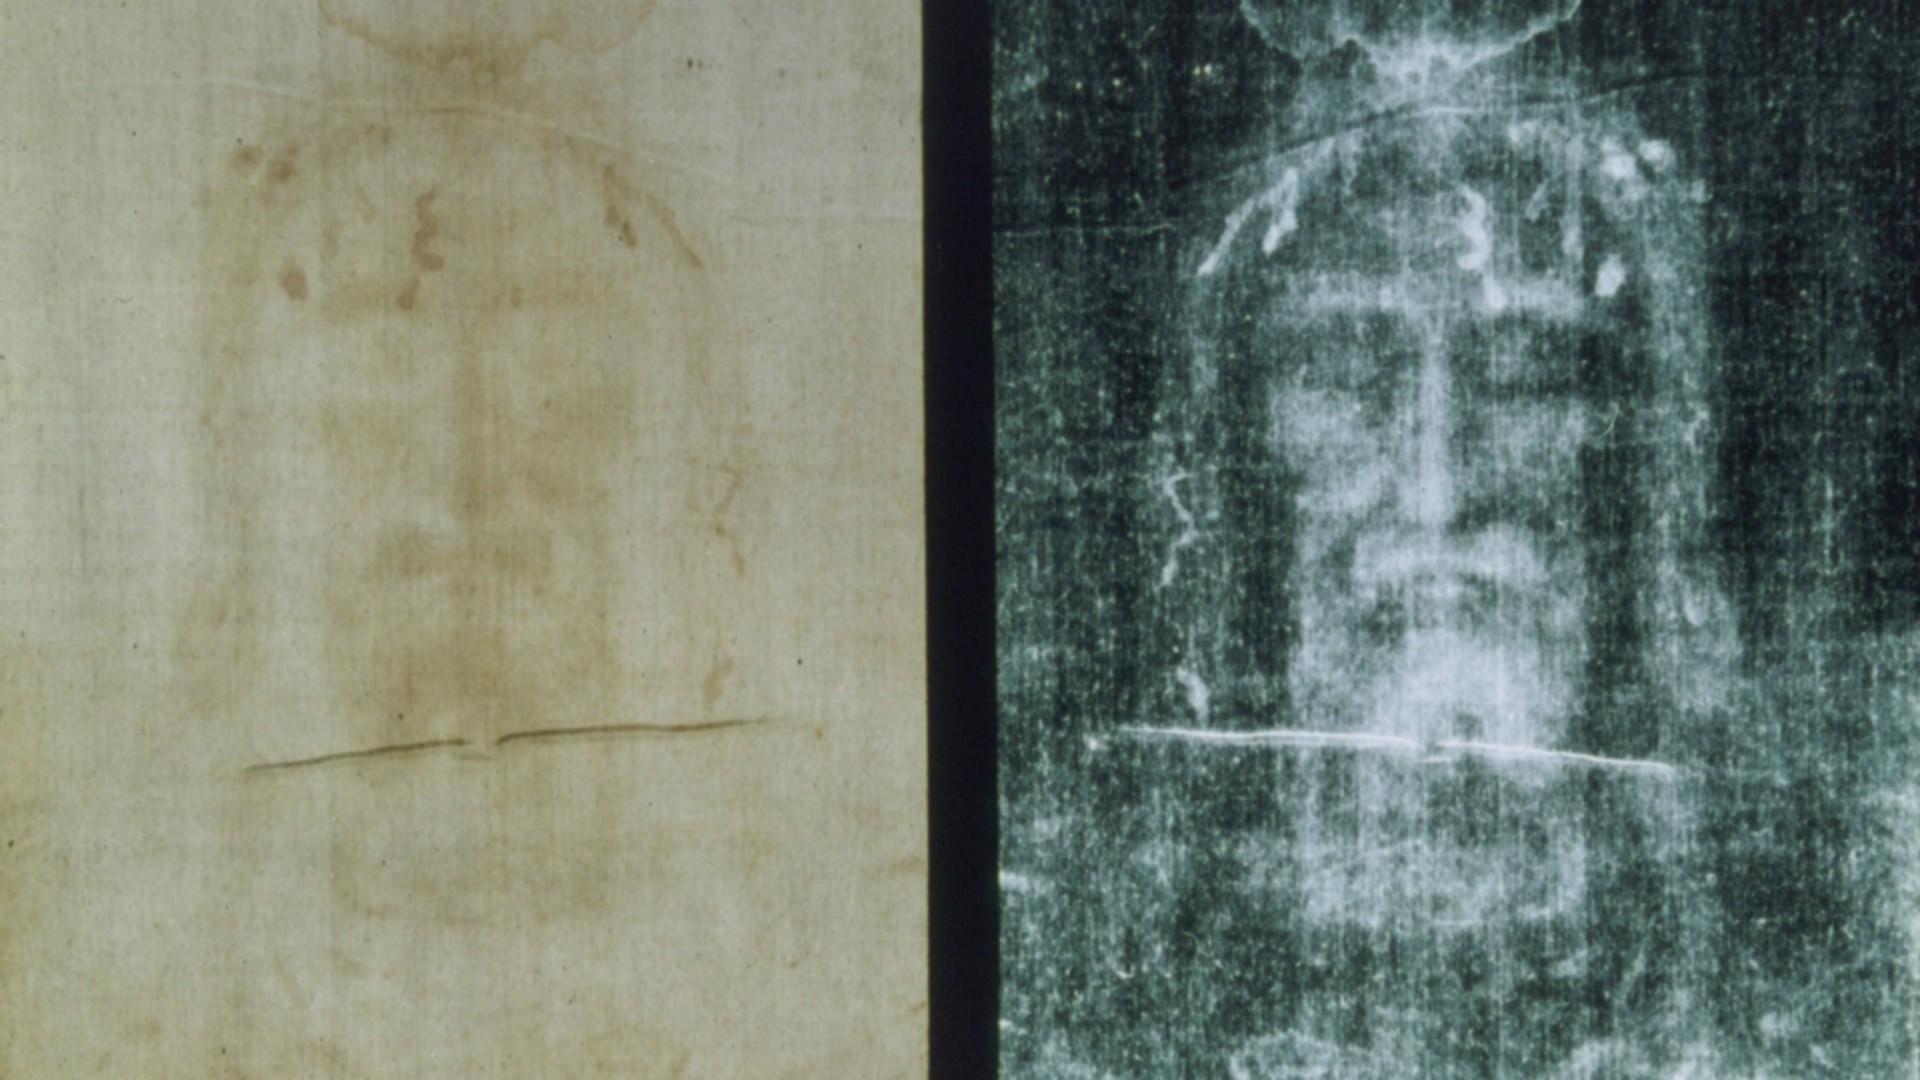 linceul de Turin 1988 carbone datation